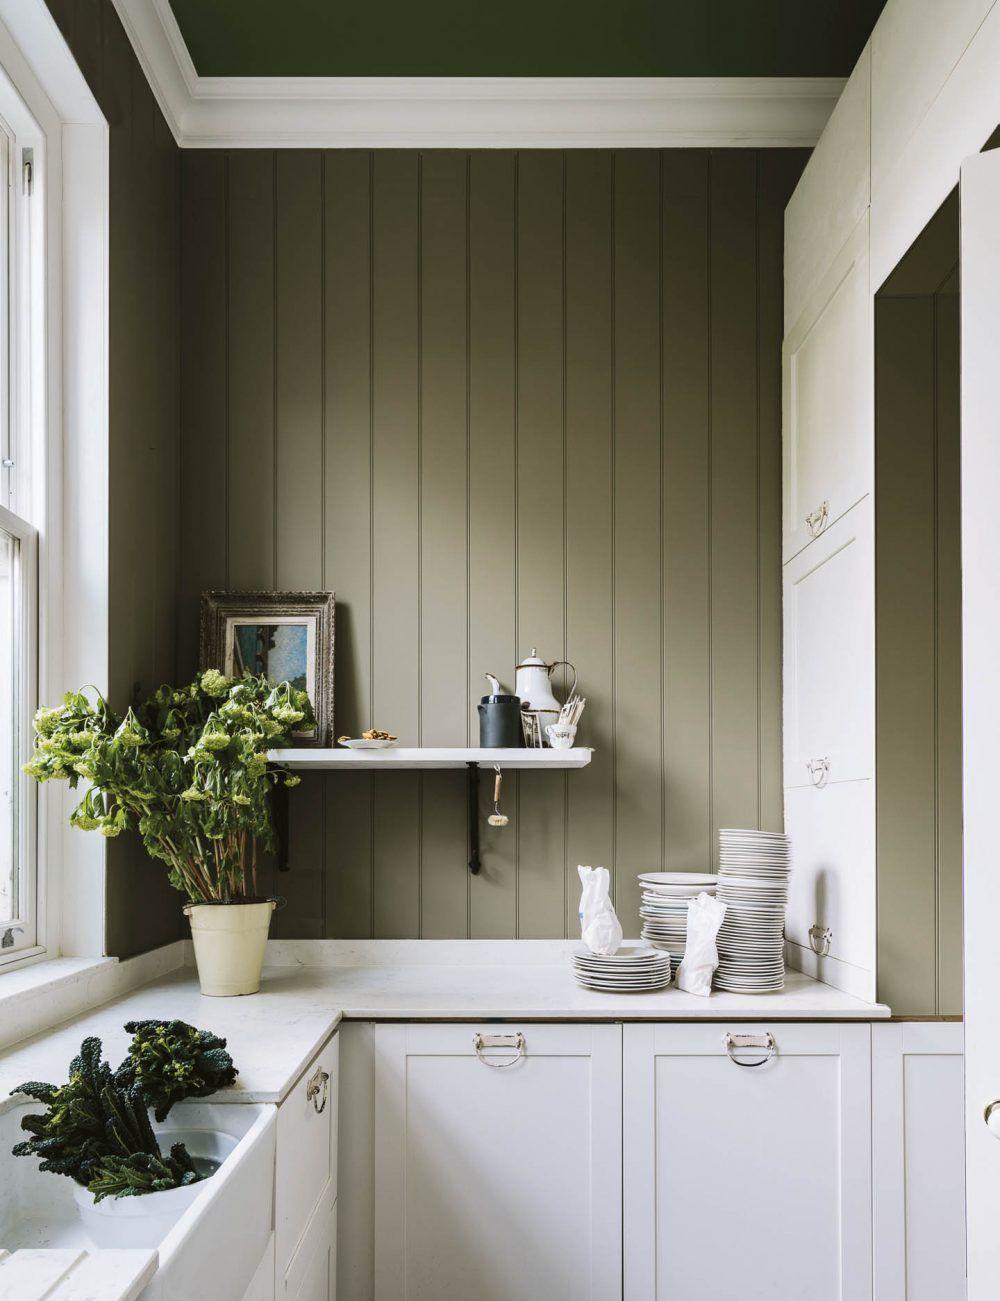 2019 Paint Color Trends Farrow Ball Kitchen Paint Colors Kitchen Paint